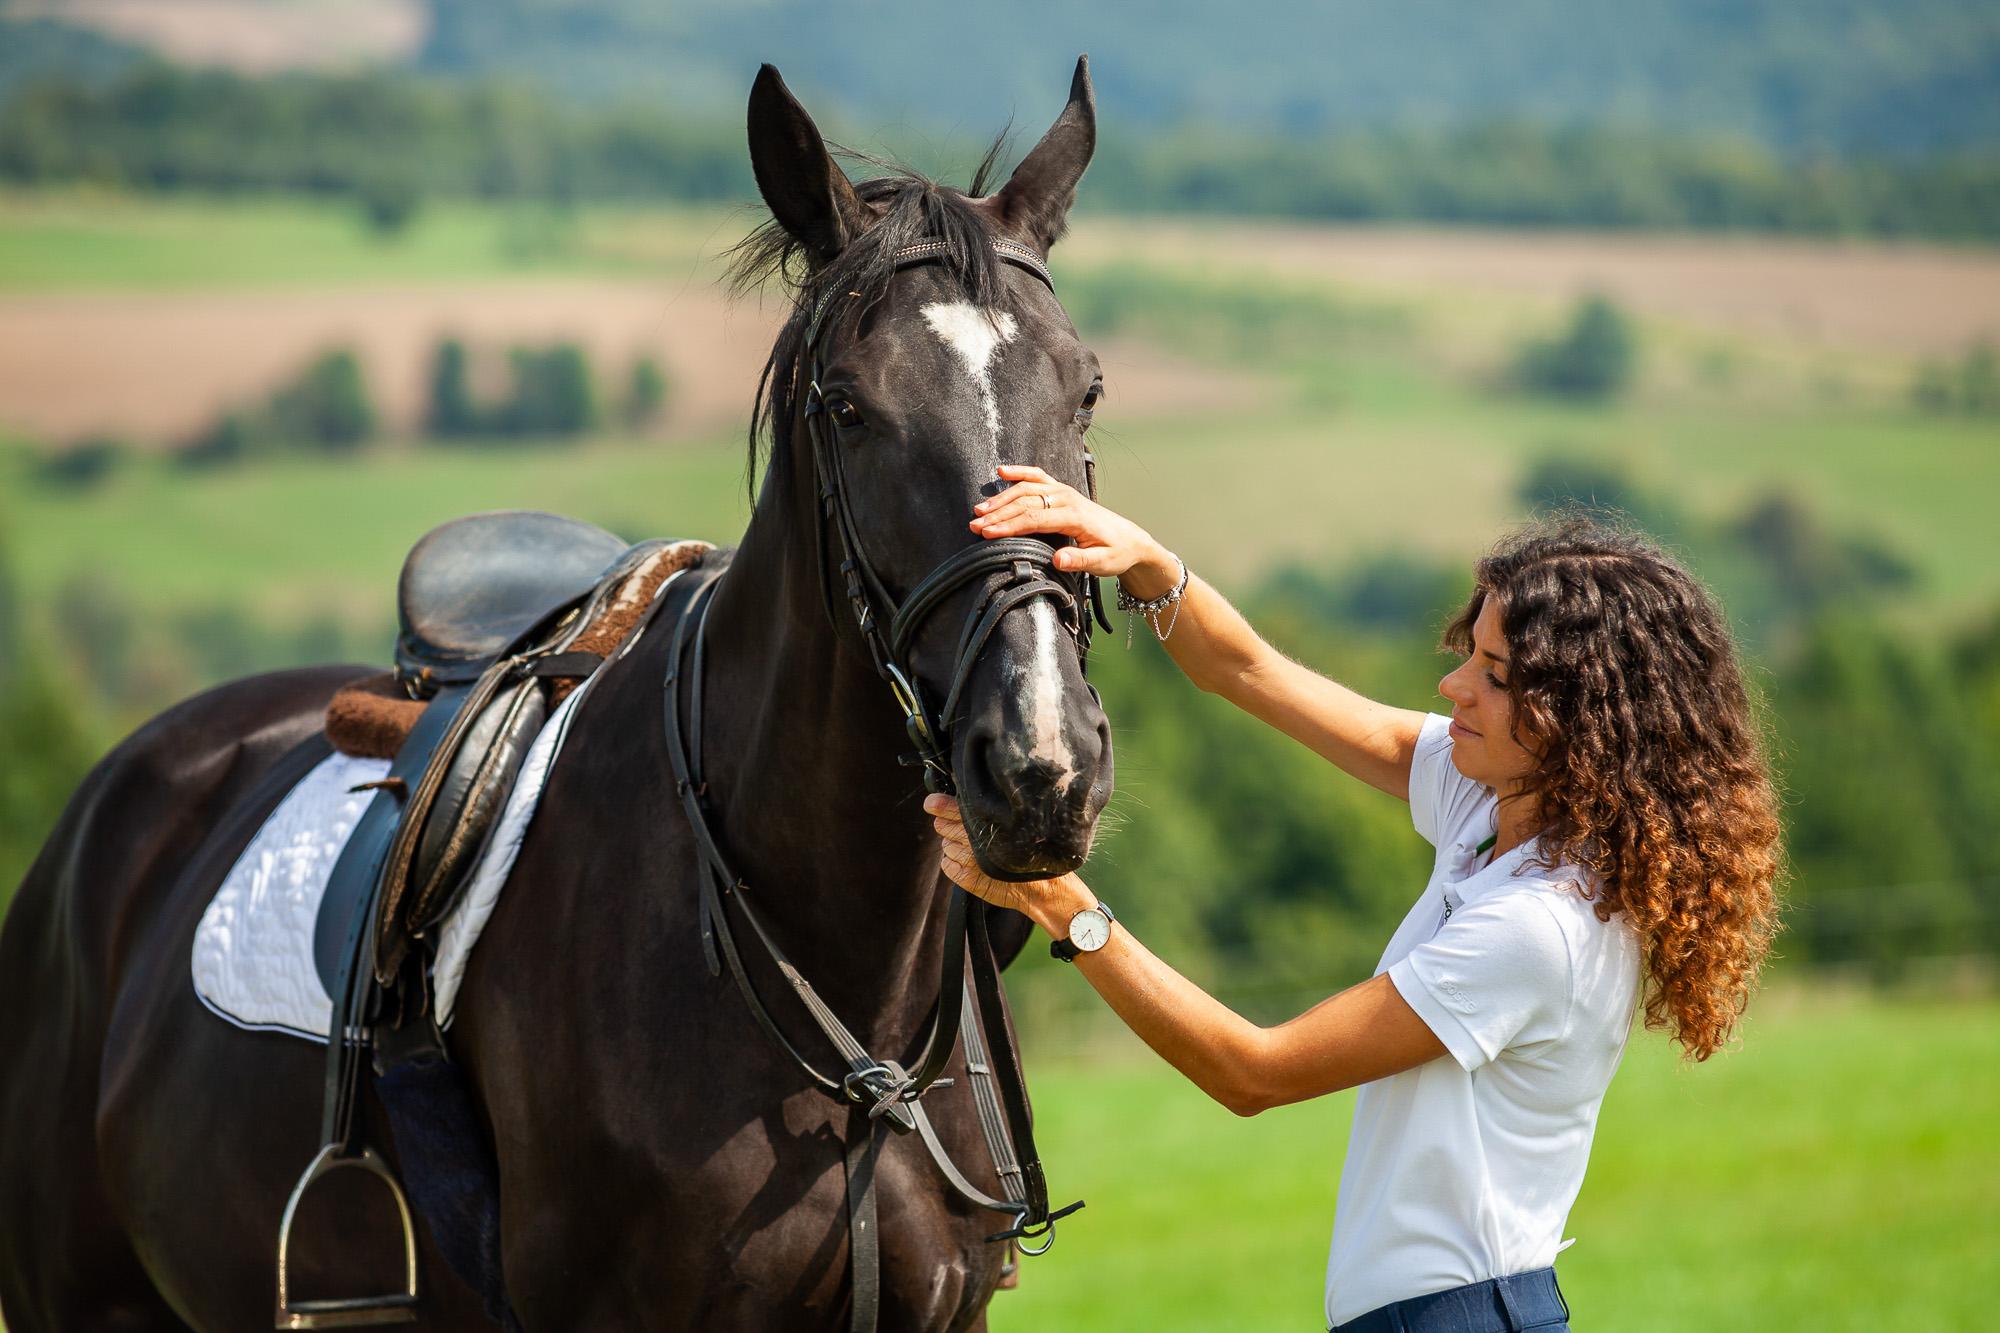 Turystyka konna jest coraz popularniejsza wśród miłośników aktywnego wypoczynku na Podkarpaciu